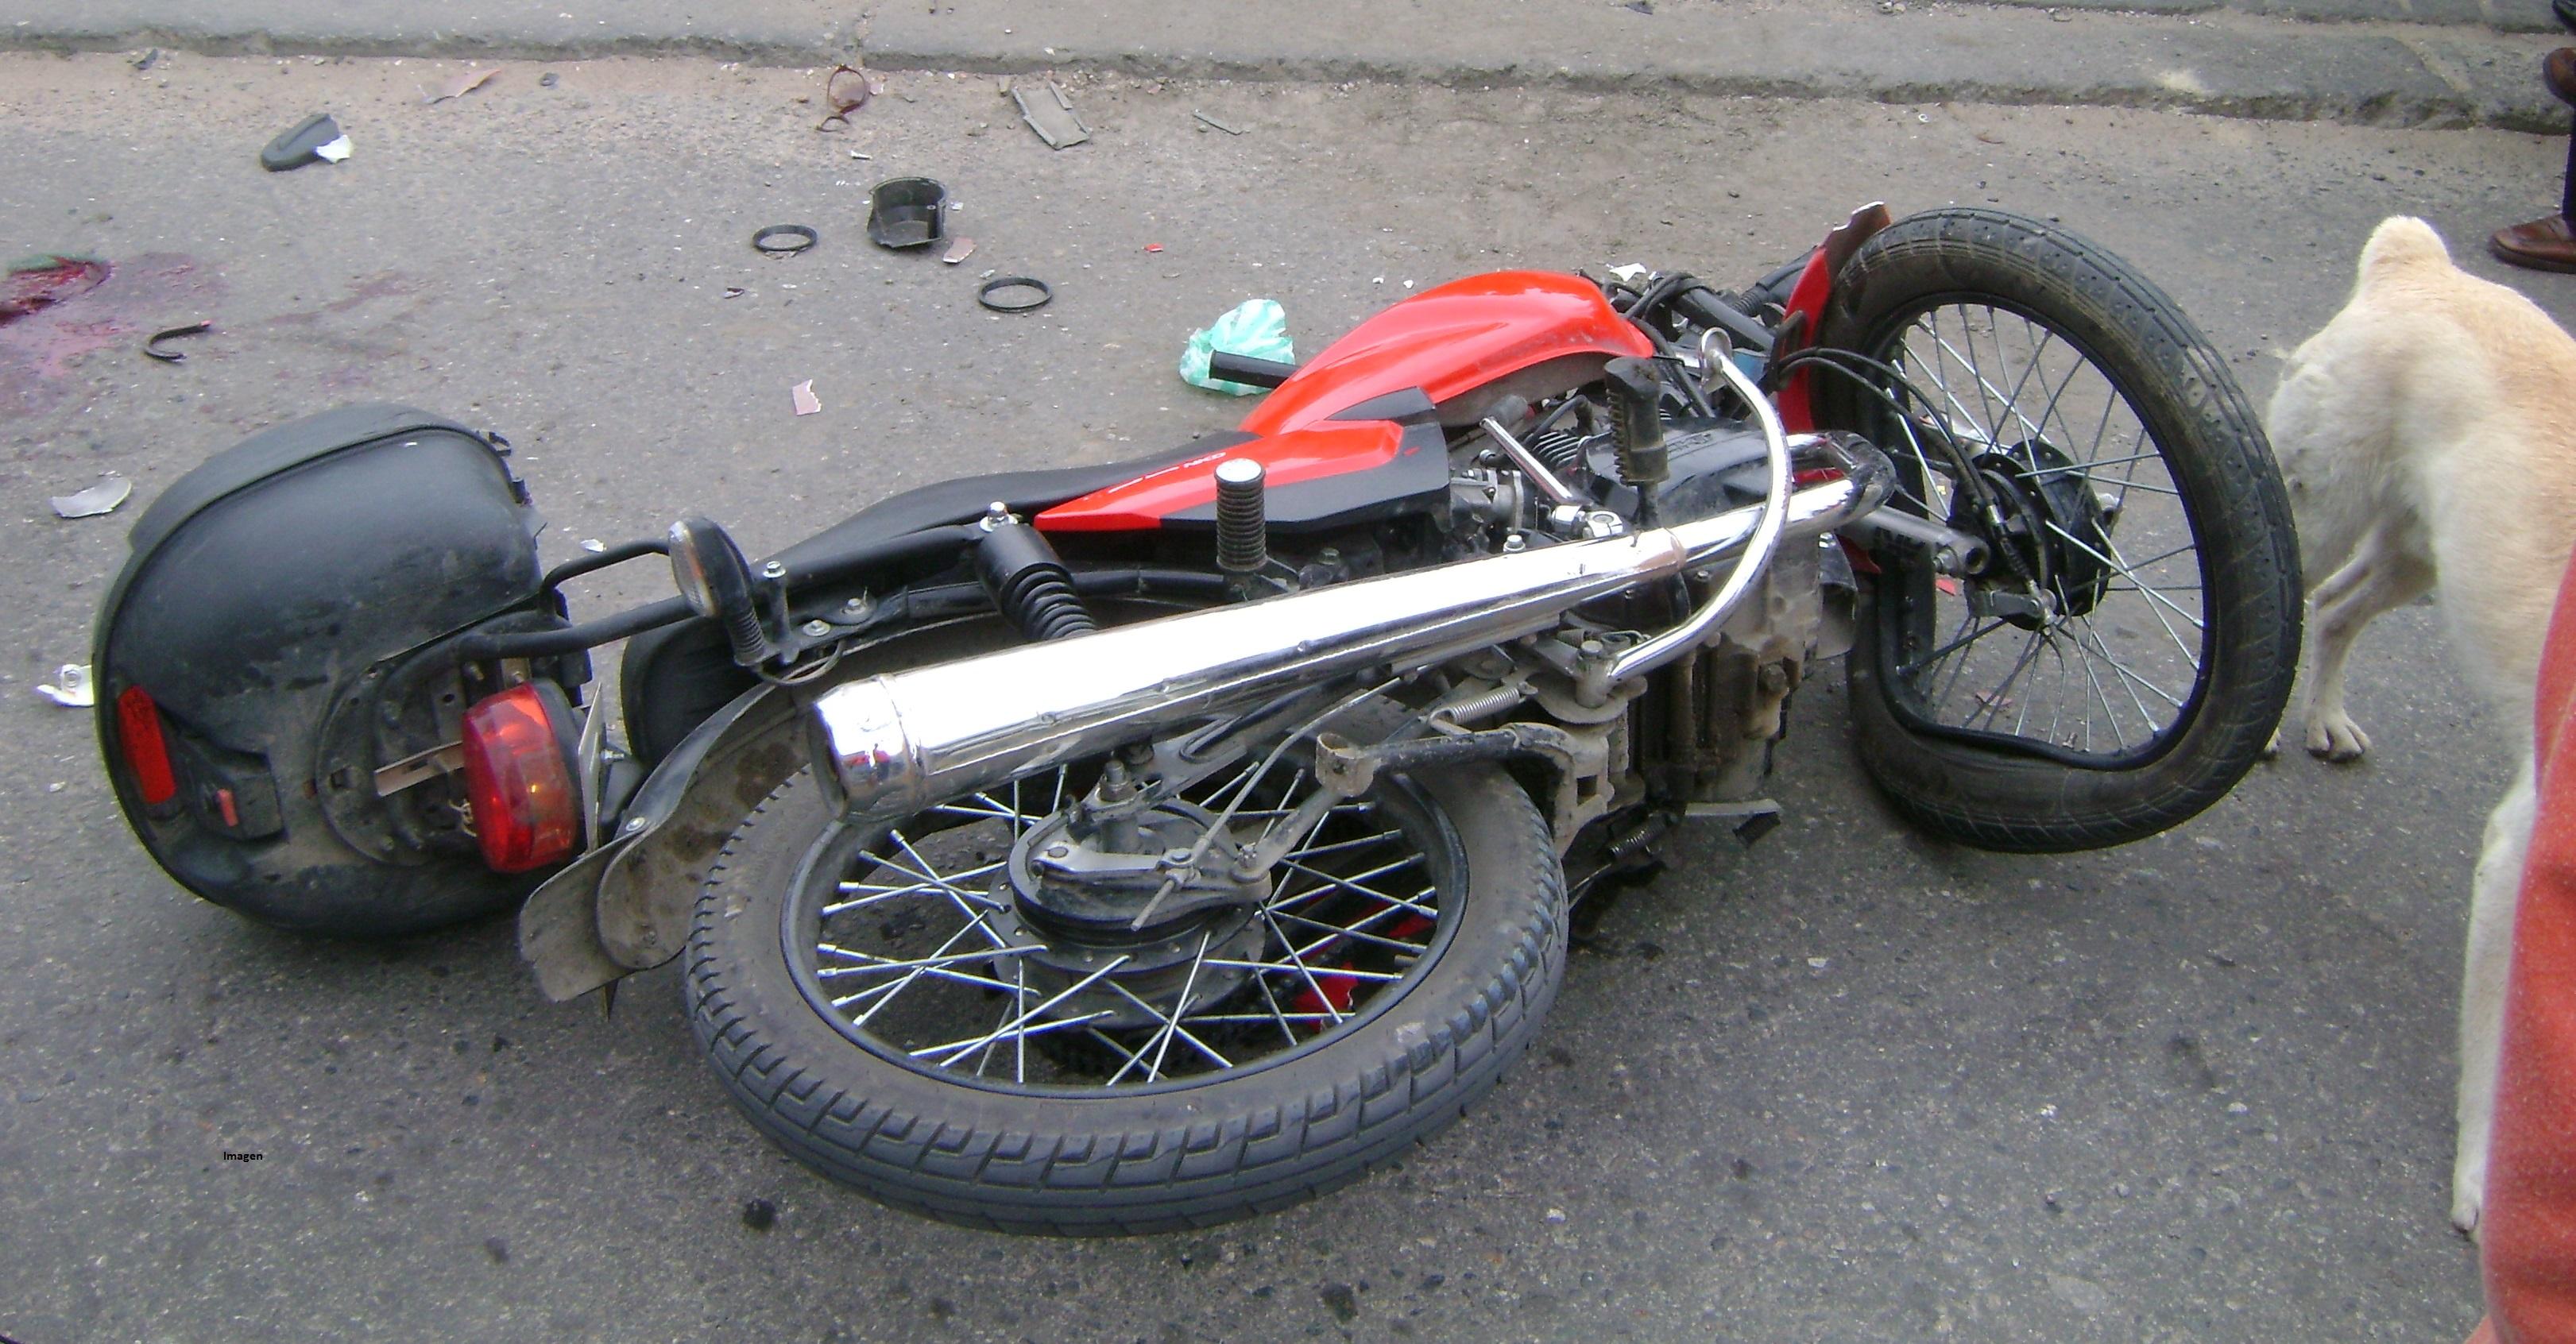 Motociclista se fracturó ambas piernas en un accidente vial en Los Helechos